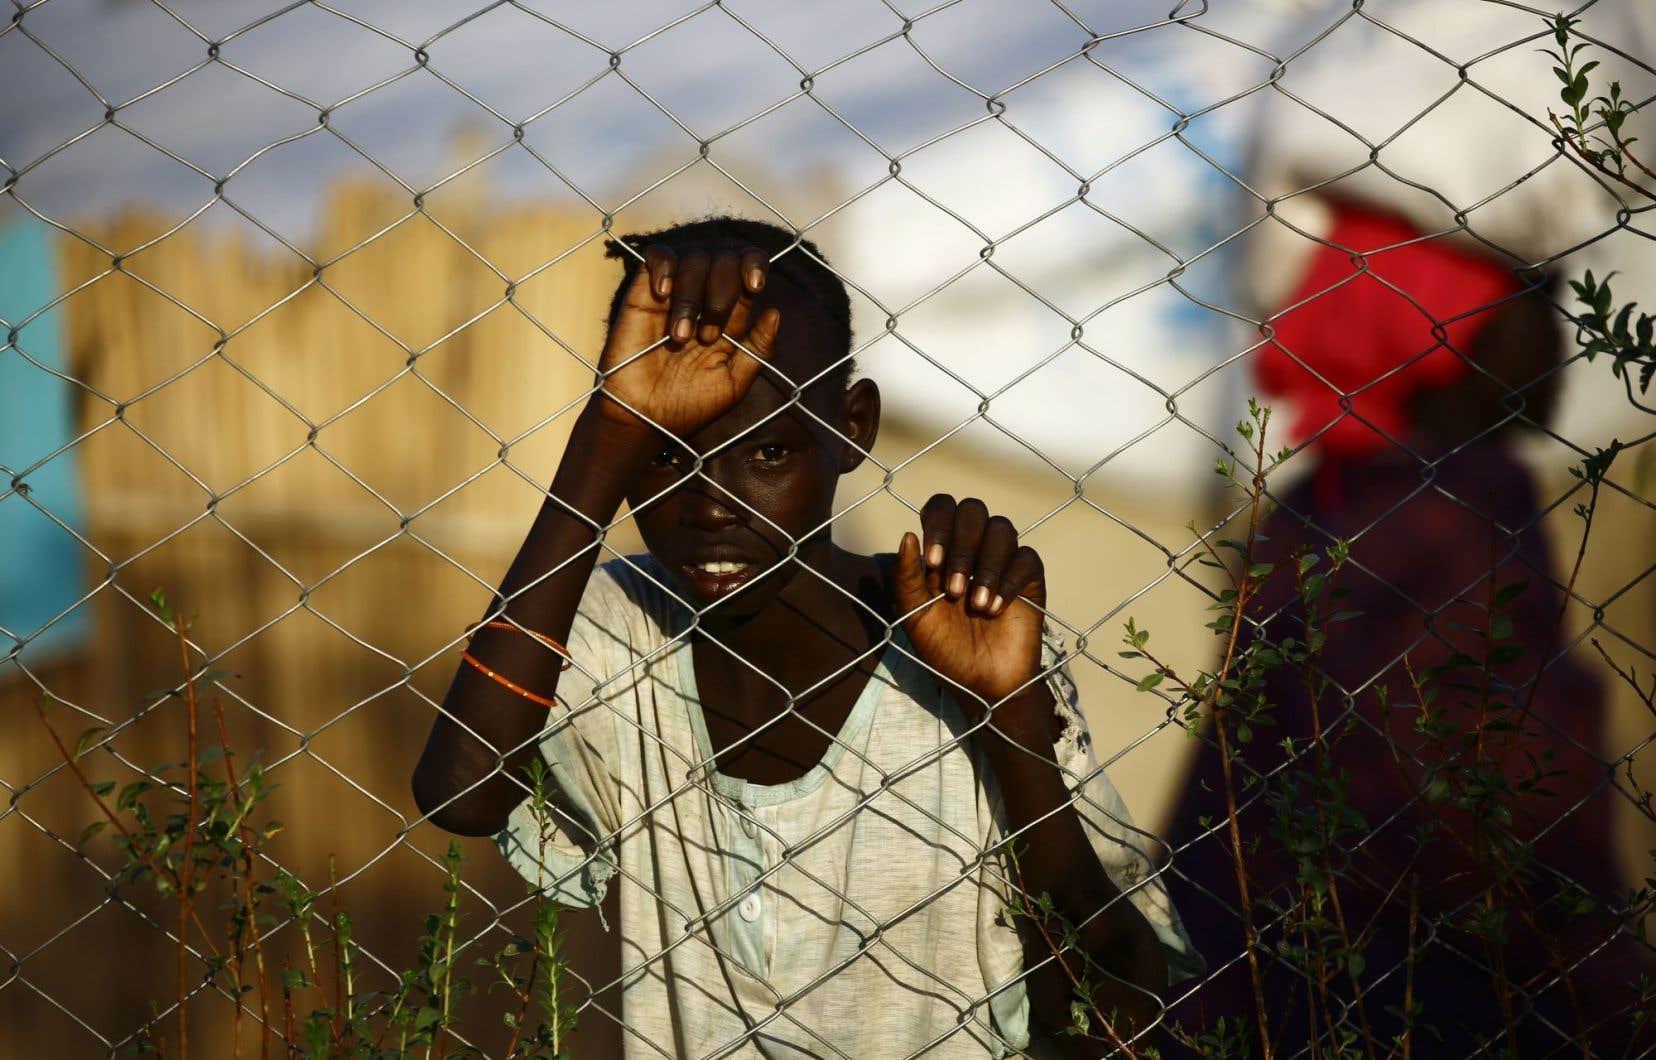 La famine menace plus de 20 millions de personnes au Yémen, en Somalie, au Soudan du Sud et dans le nord-est du Nigeria.